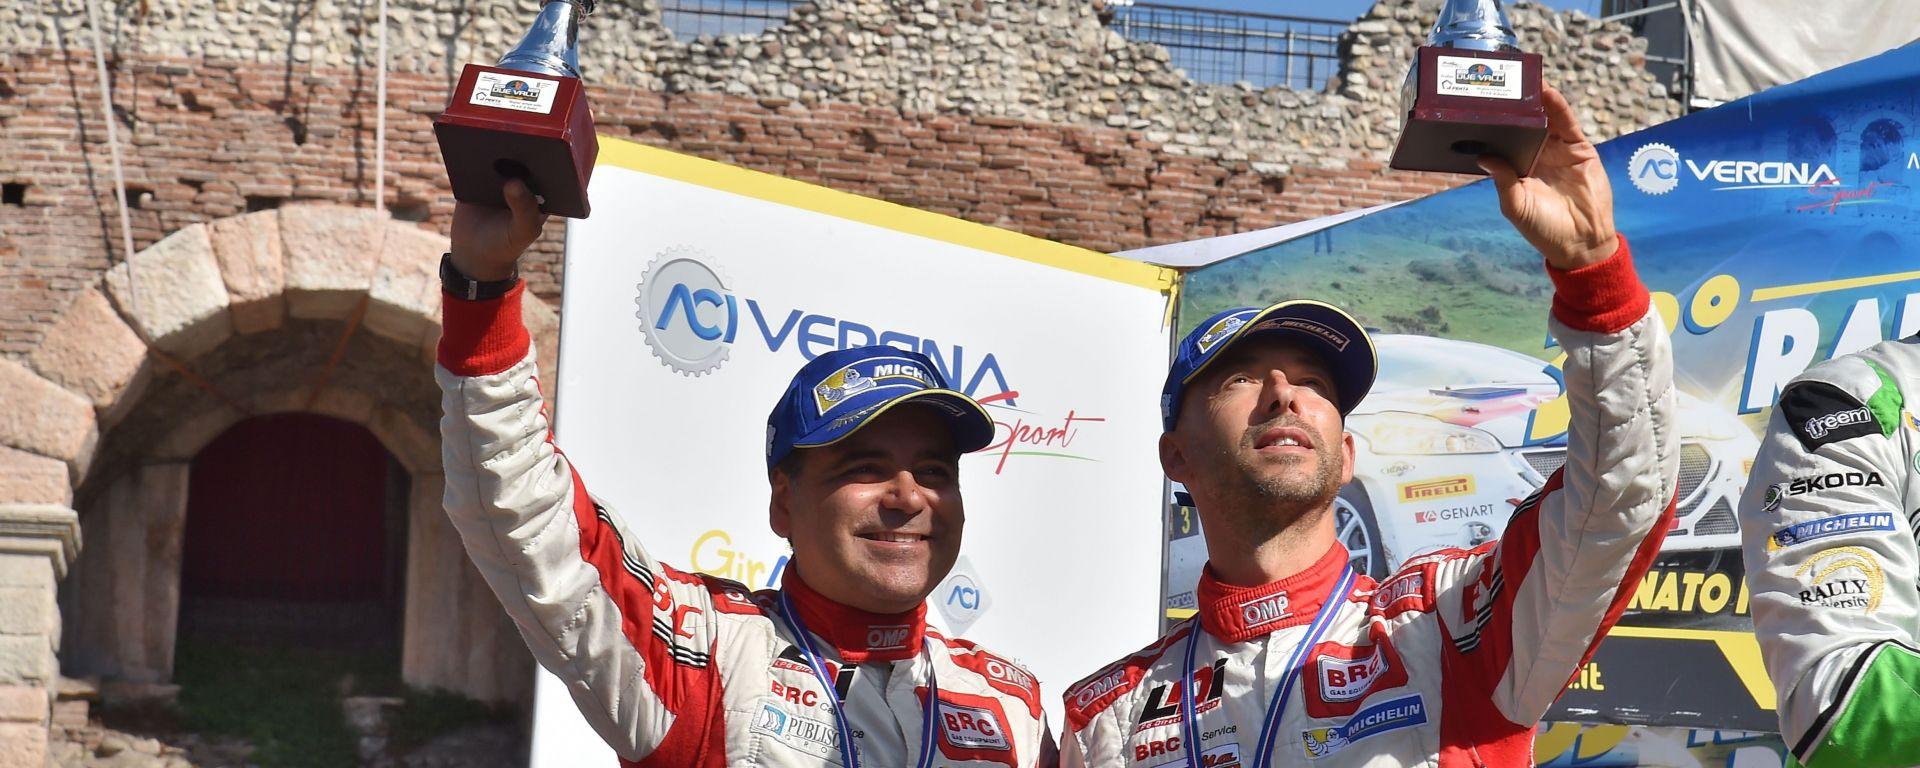 Giandomenico Basso e Lorenzo Granai – Ford Fiesta R5 Ldi